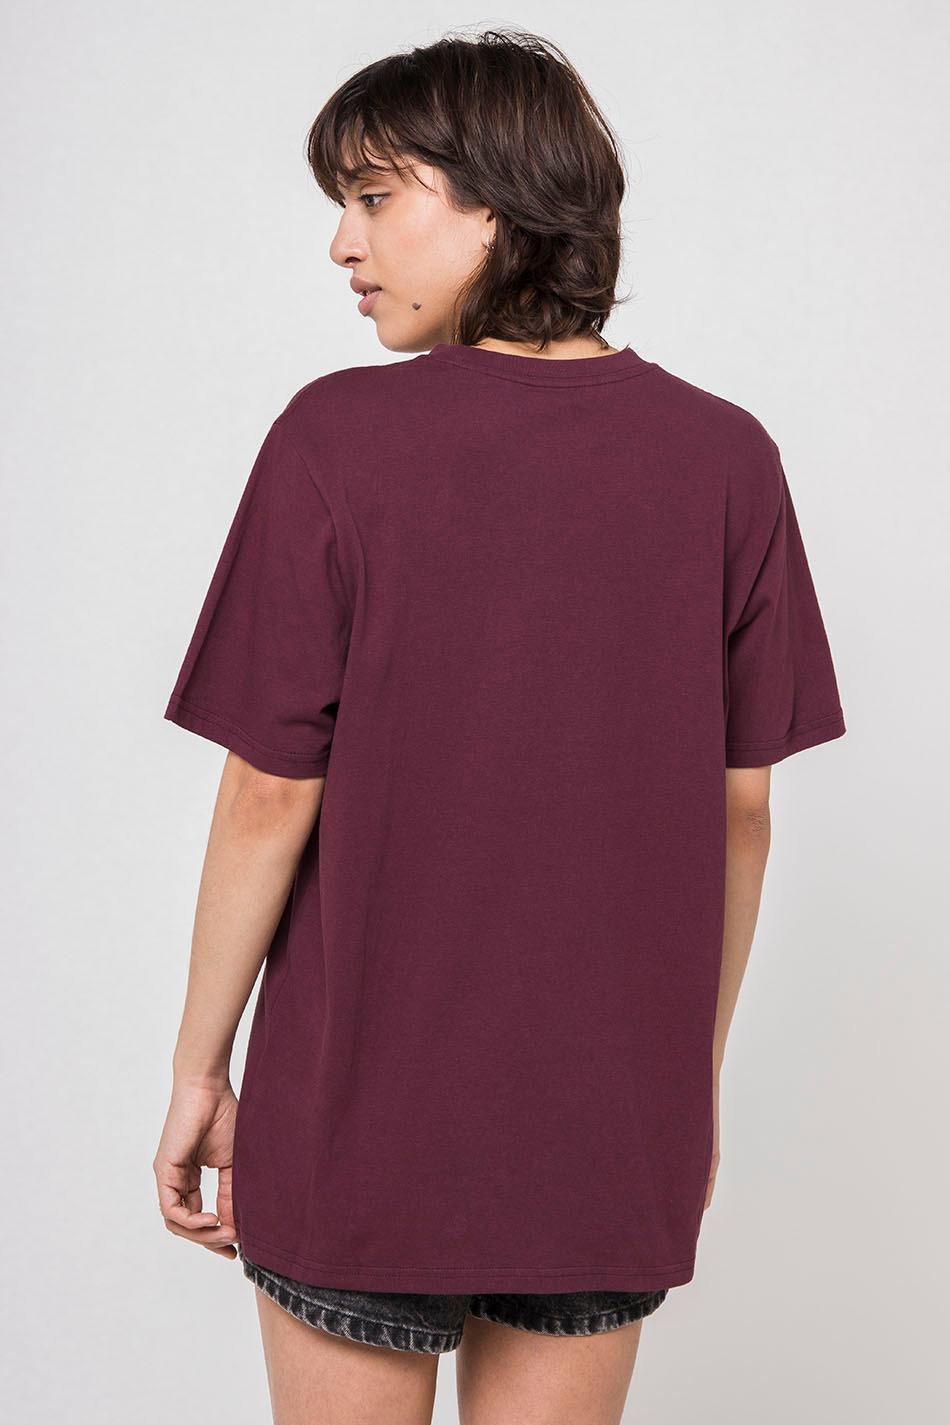 Camiseta Carhartt Bolsillo Shiraz